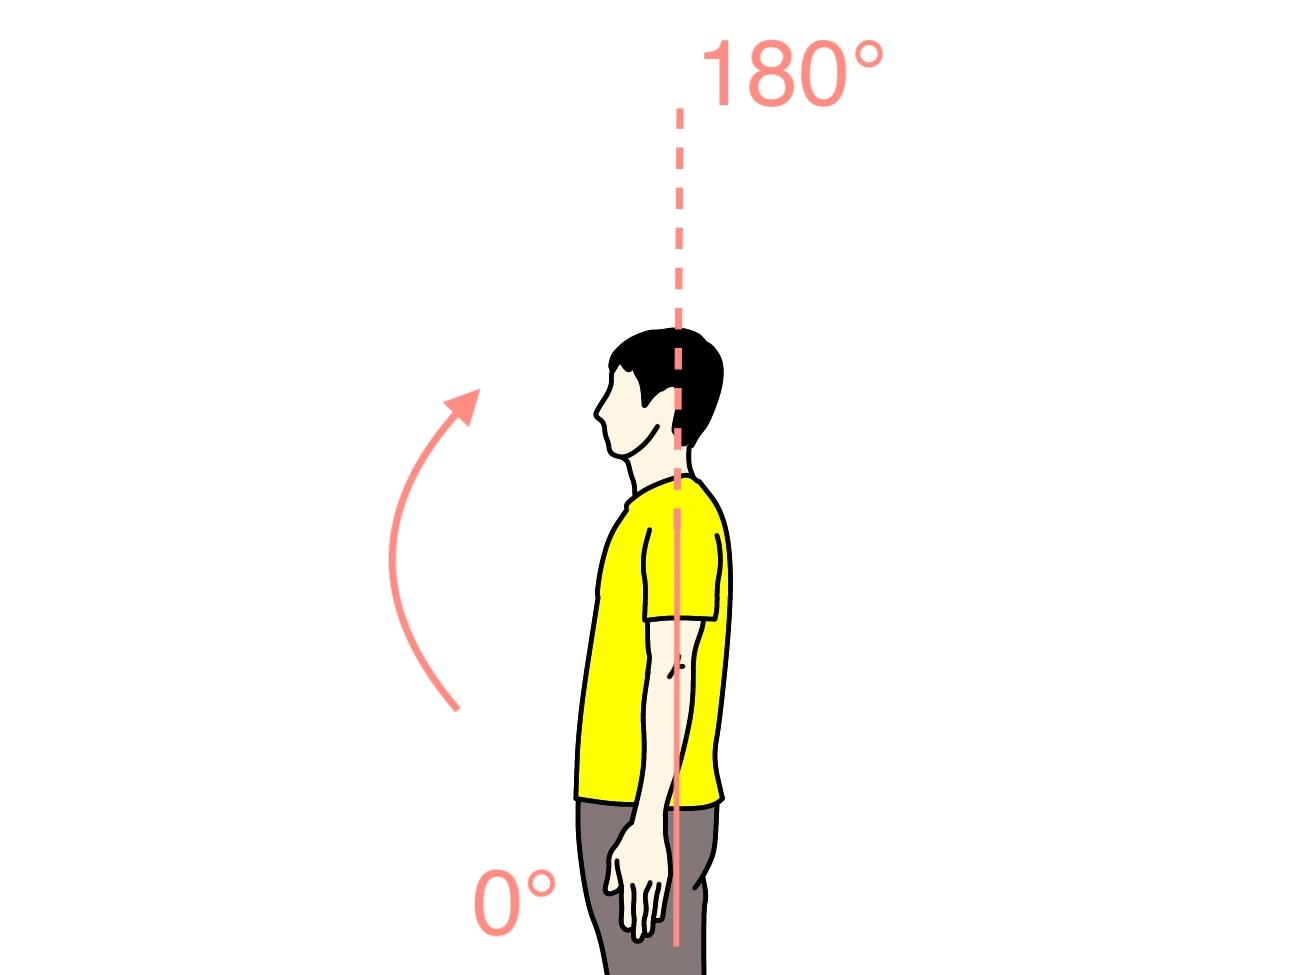 腕を前に上げる動作(肩関節の屈曲)の関節可動域(ROM)と働く筋肉のまとめ